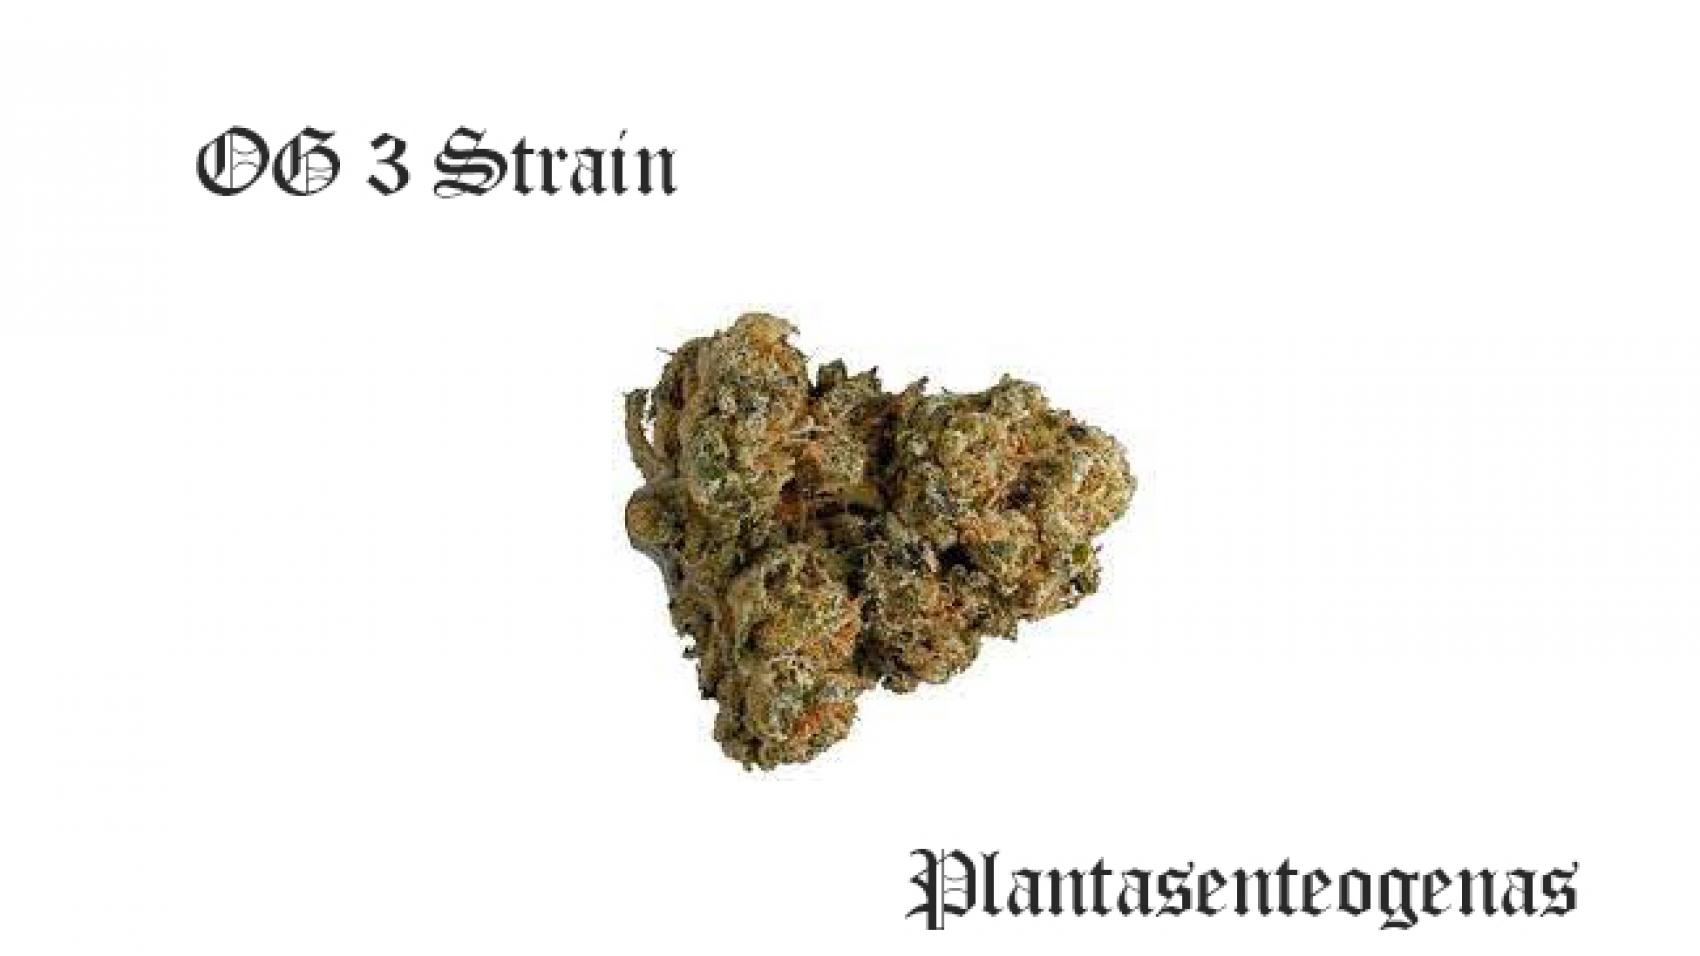 og 3 strain